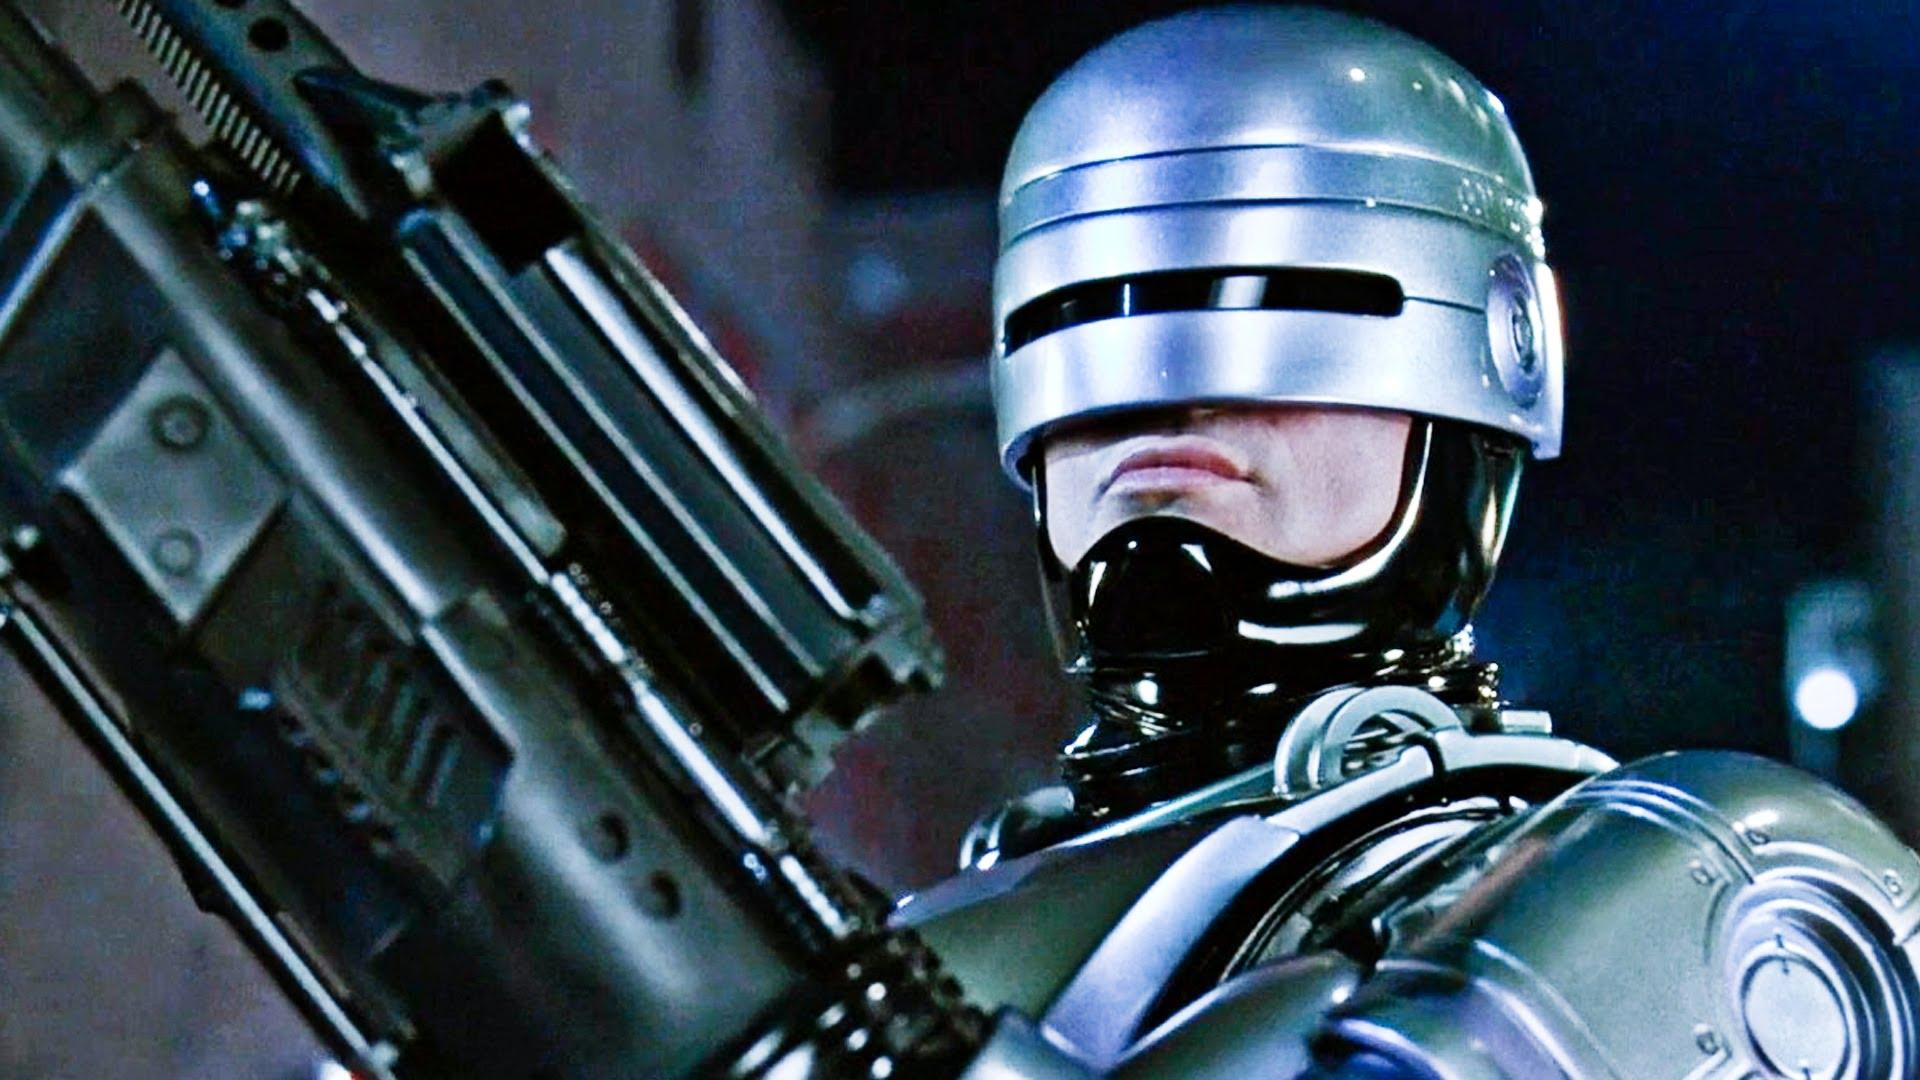 BRÉKING: A District 9 rendezőjével készül az eredeti Robotzsaru folytatása!